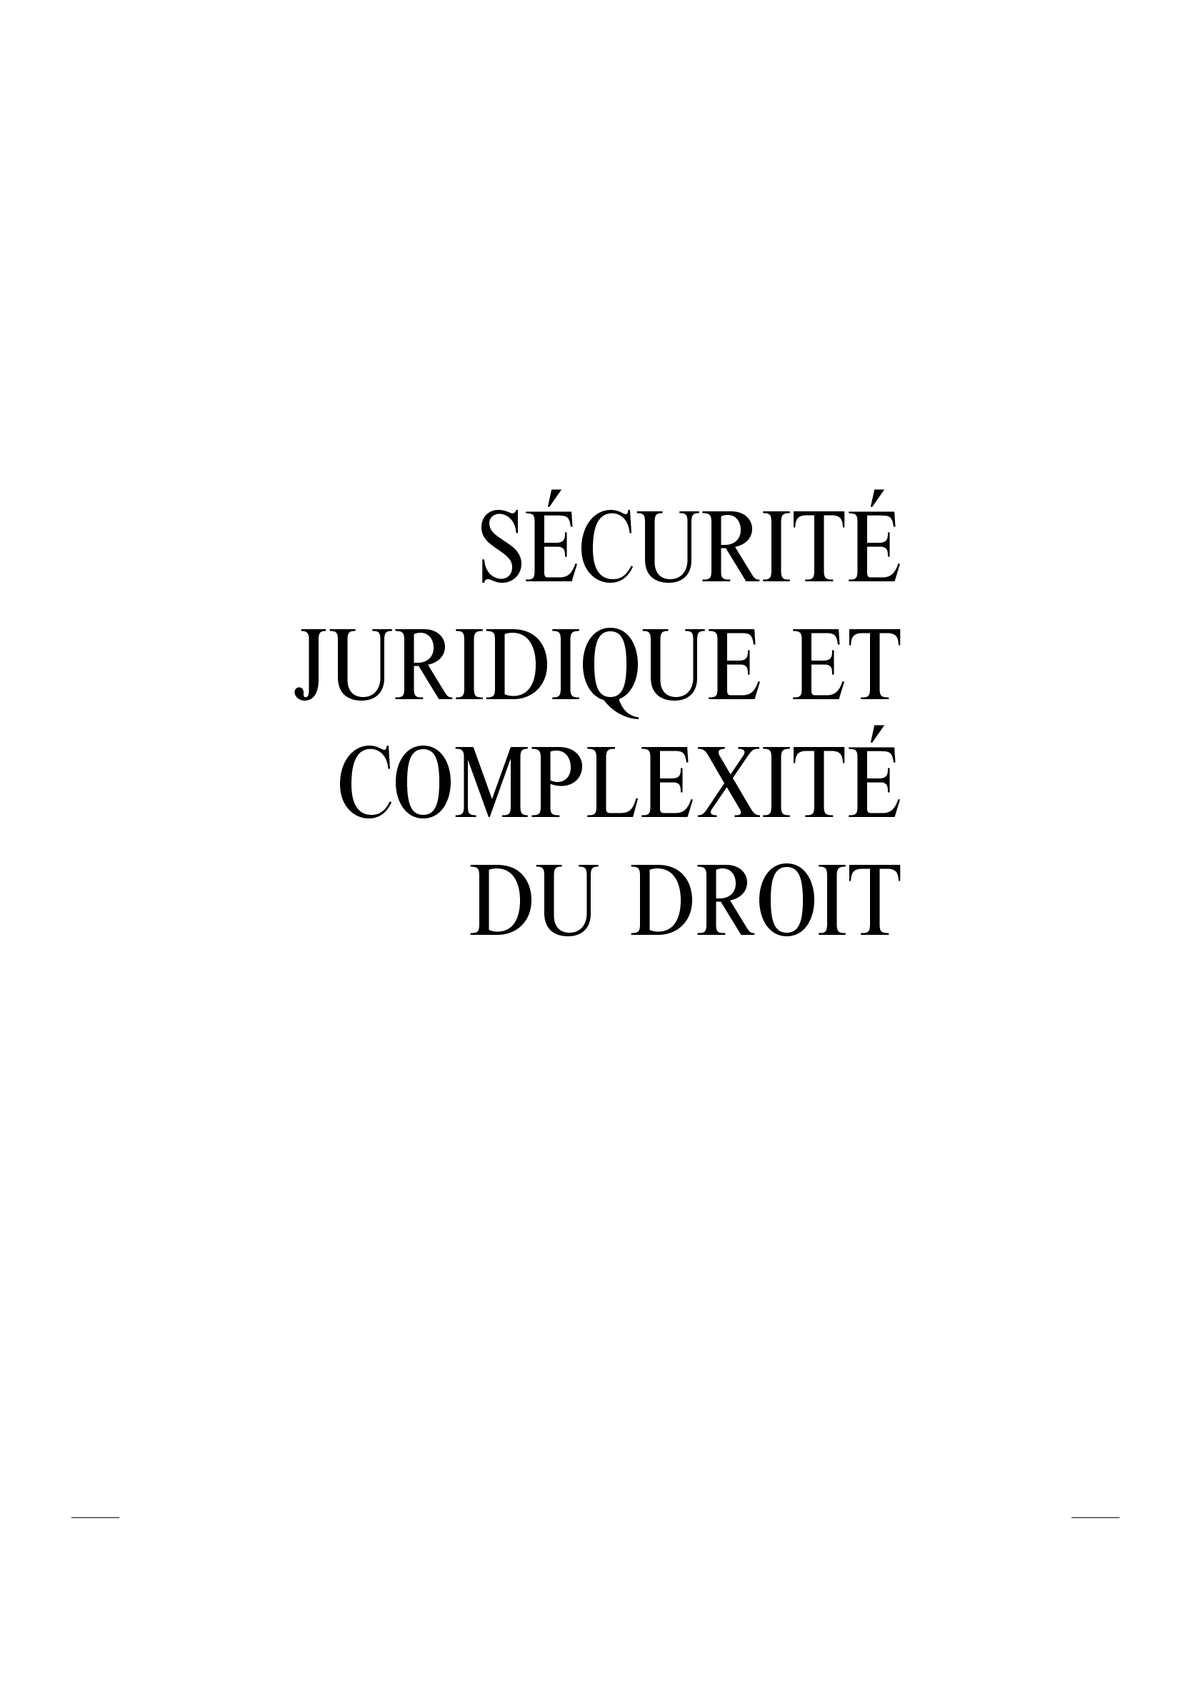 Sécurité juridique & complexité du droit